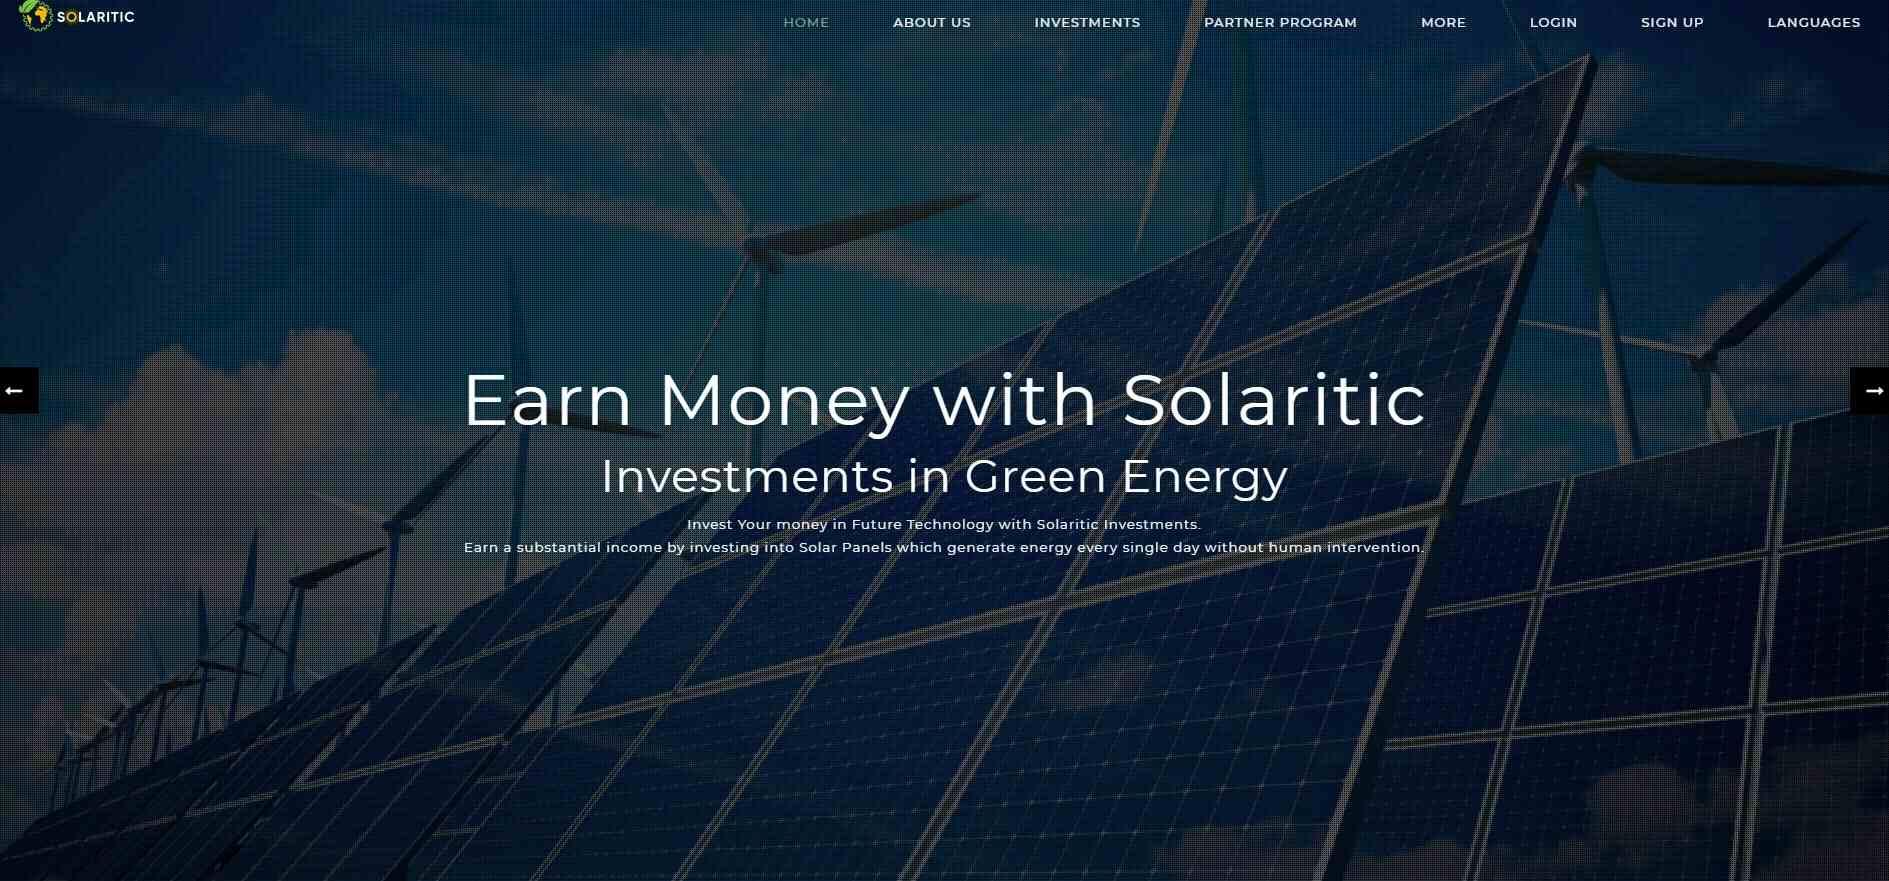 Solaritic